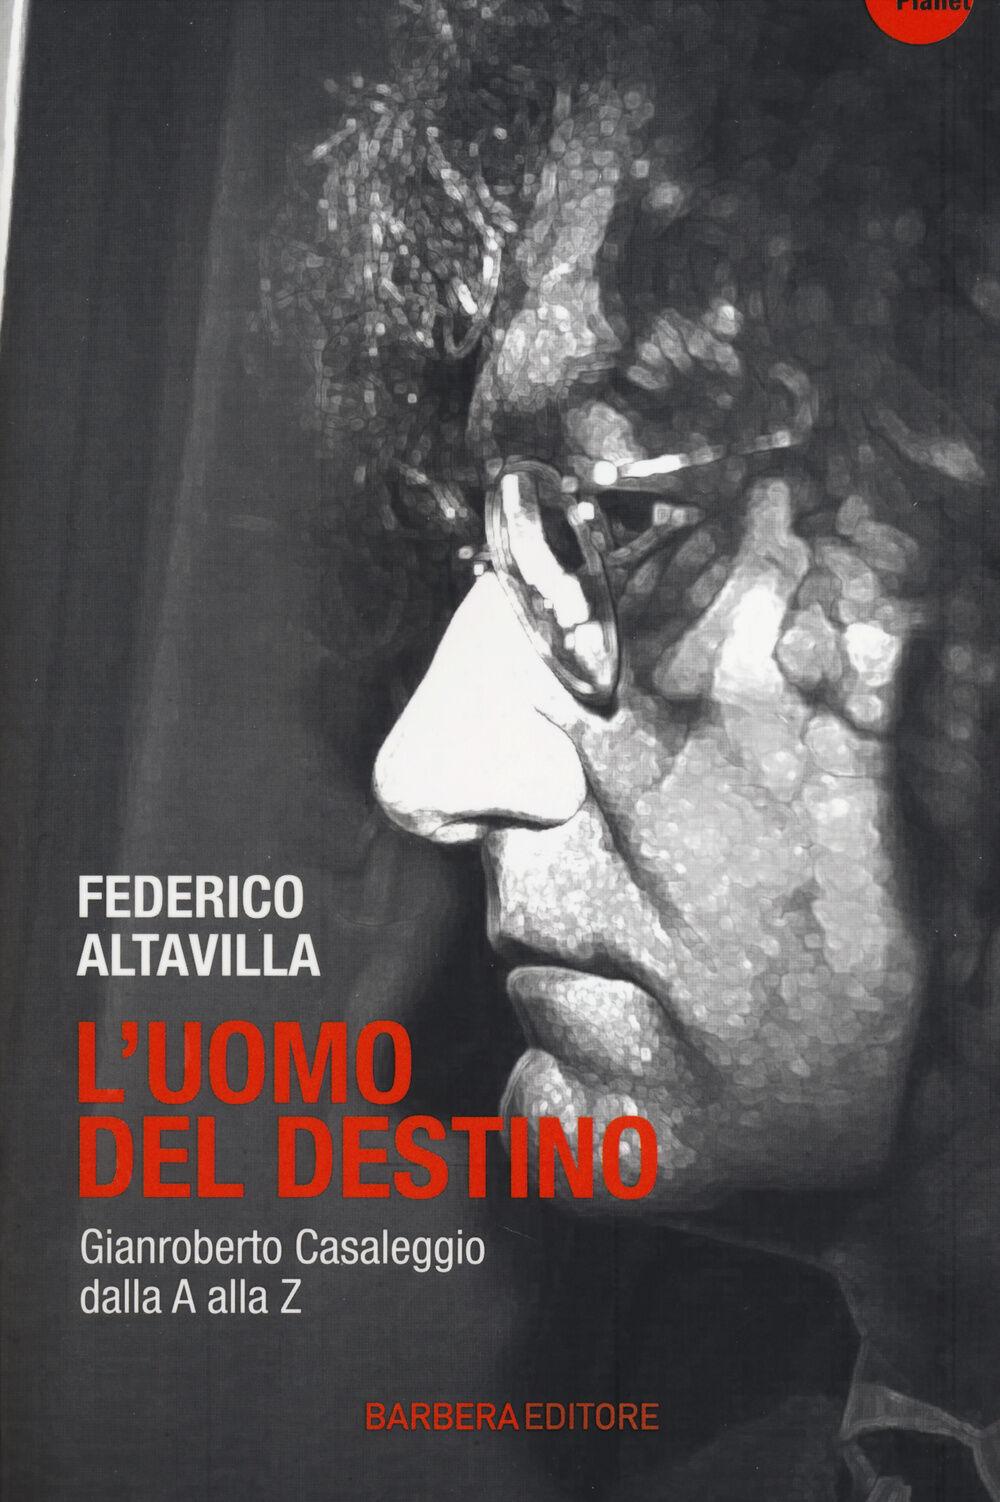 L' uomo del destino. Gianroberto Casaleggio dalla A alla Z